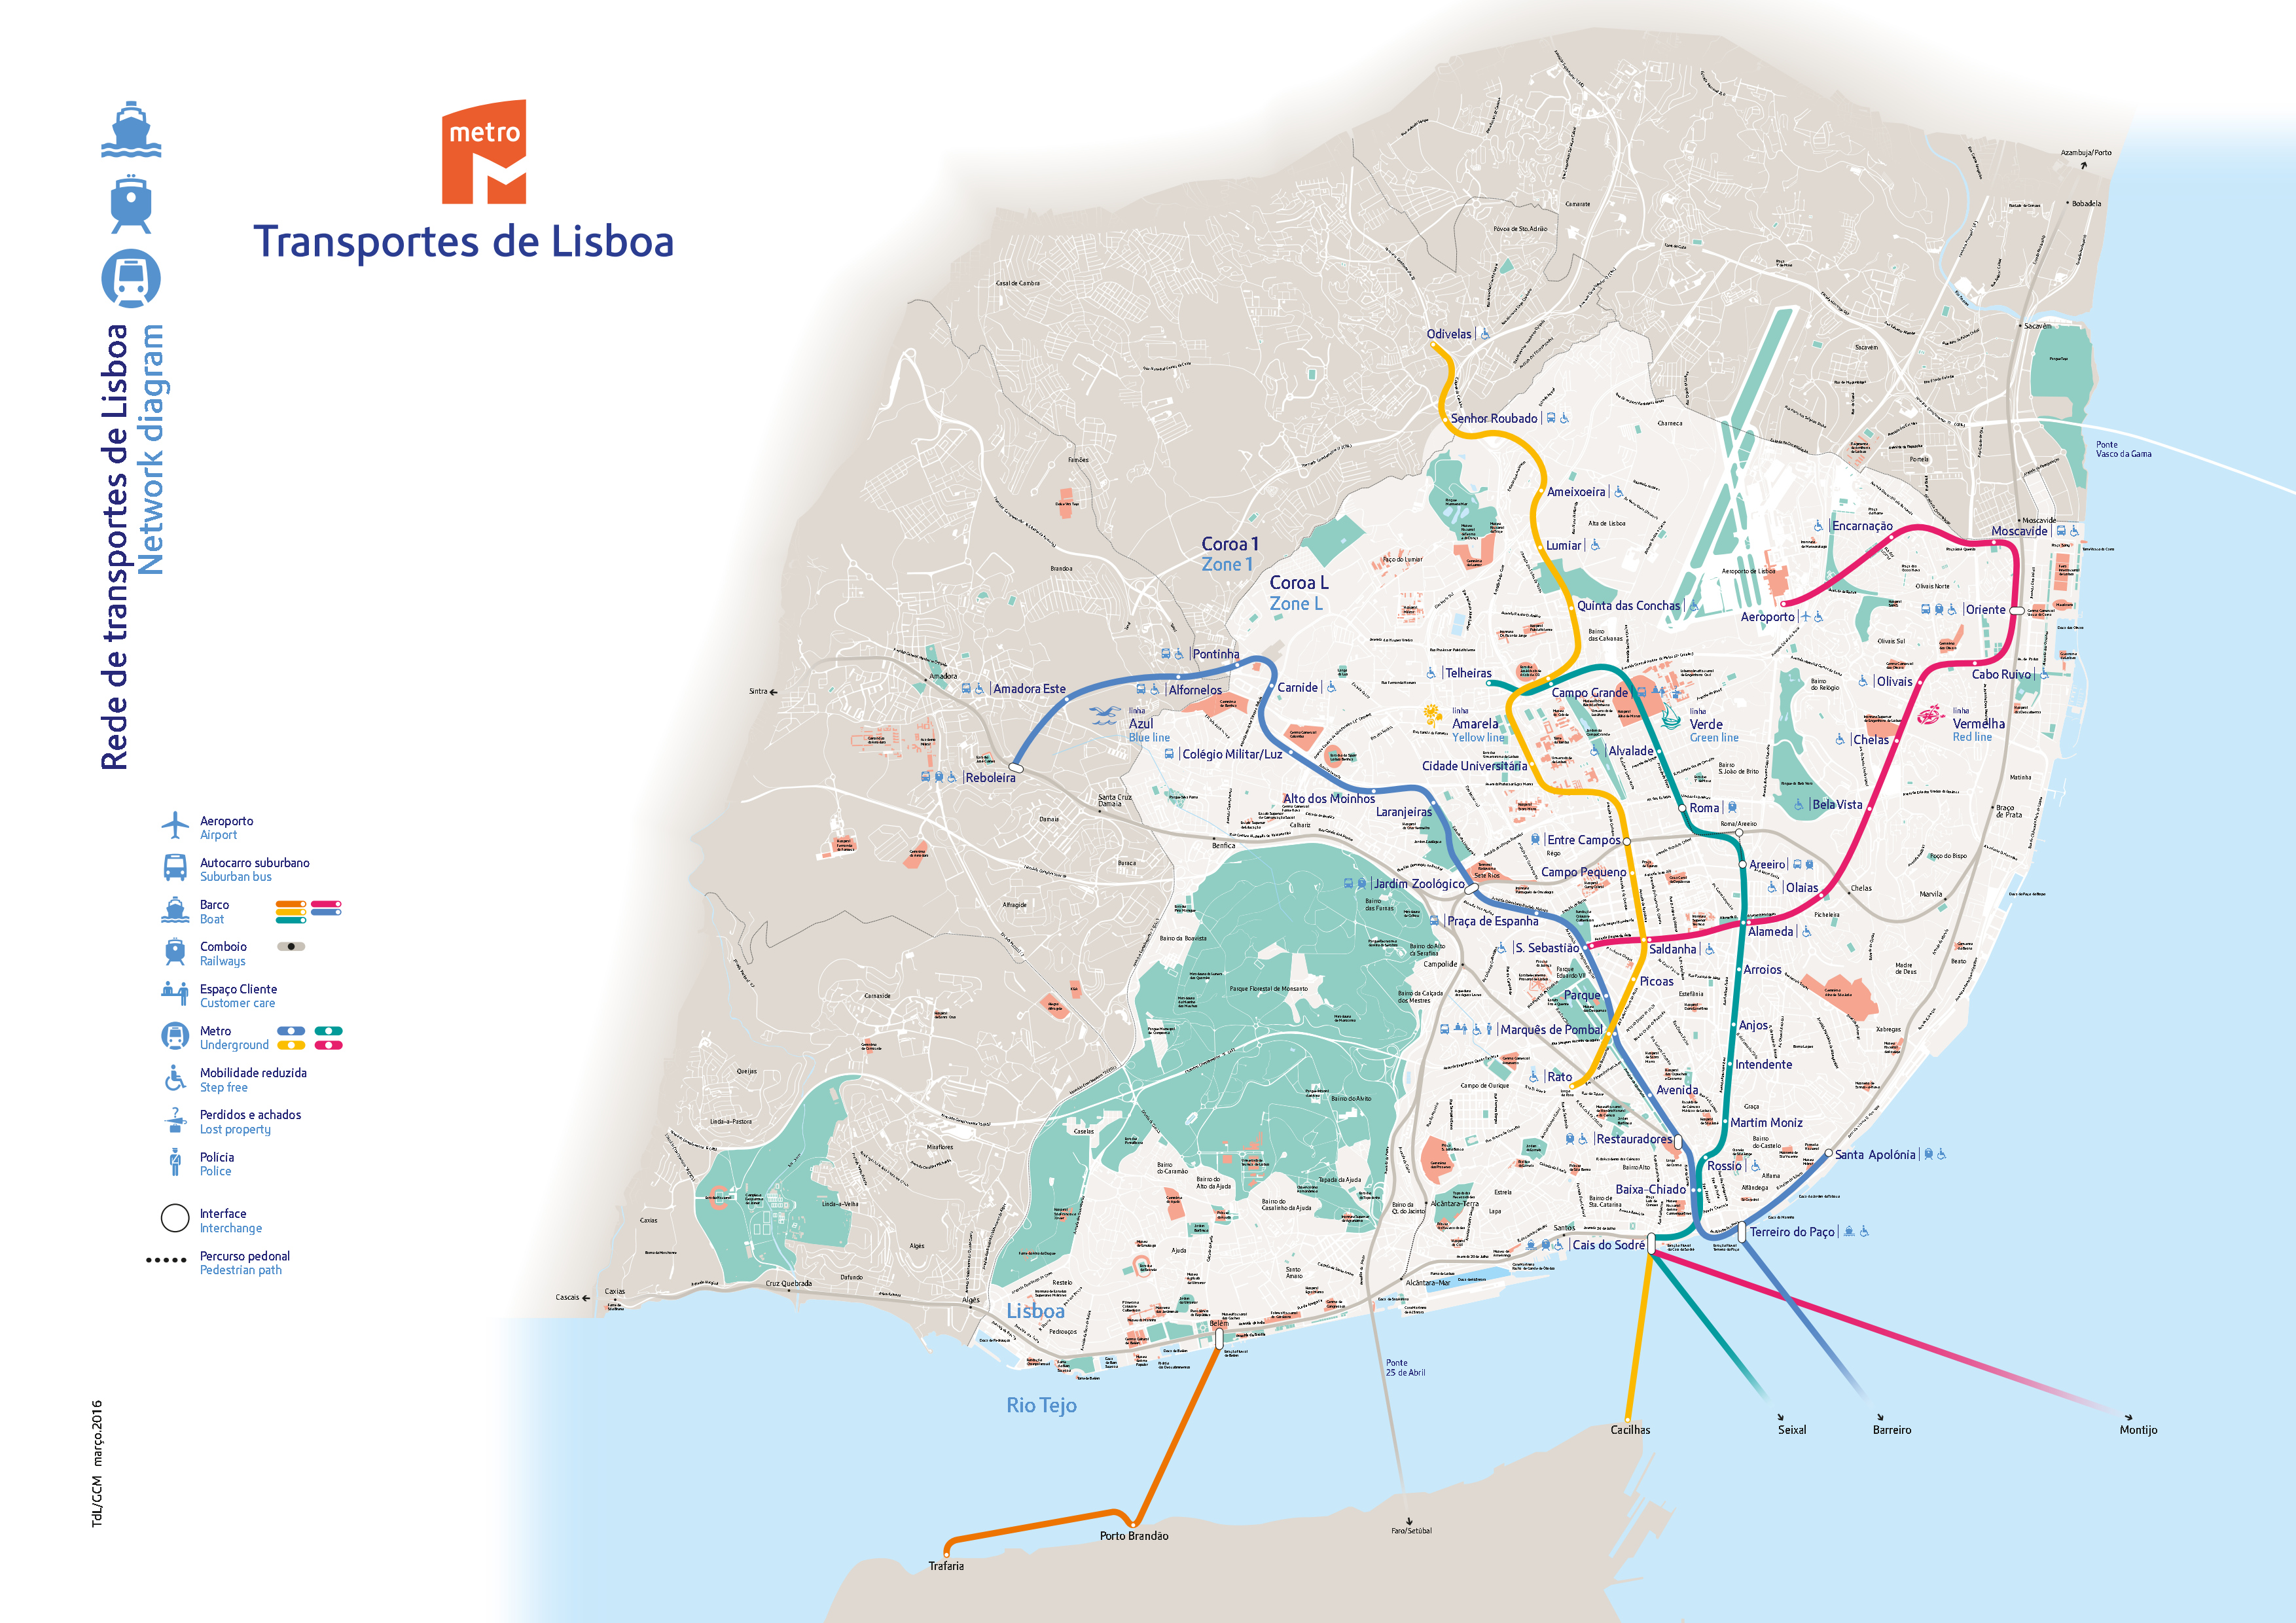 Metro w Lizbonie na mapie Lizbony plan schemat układ aktualny rozkład Lizbona Lisbona metra przewodnik 2016